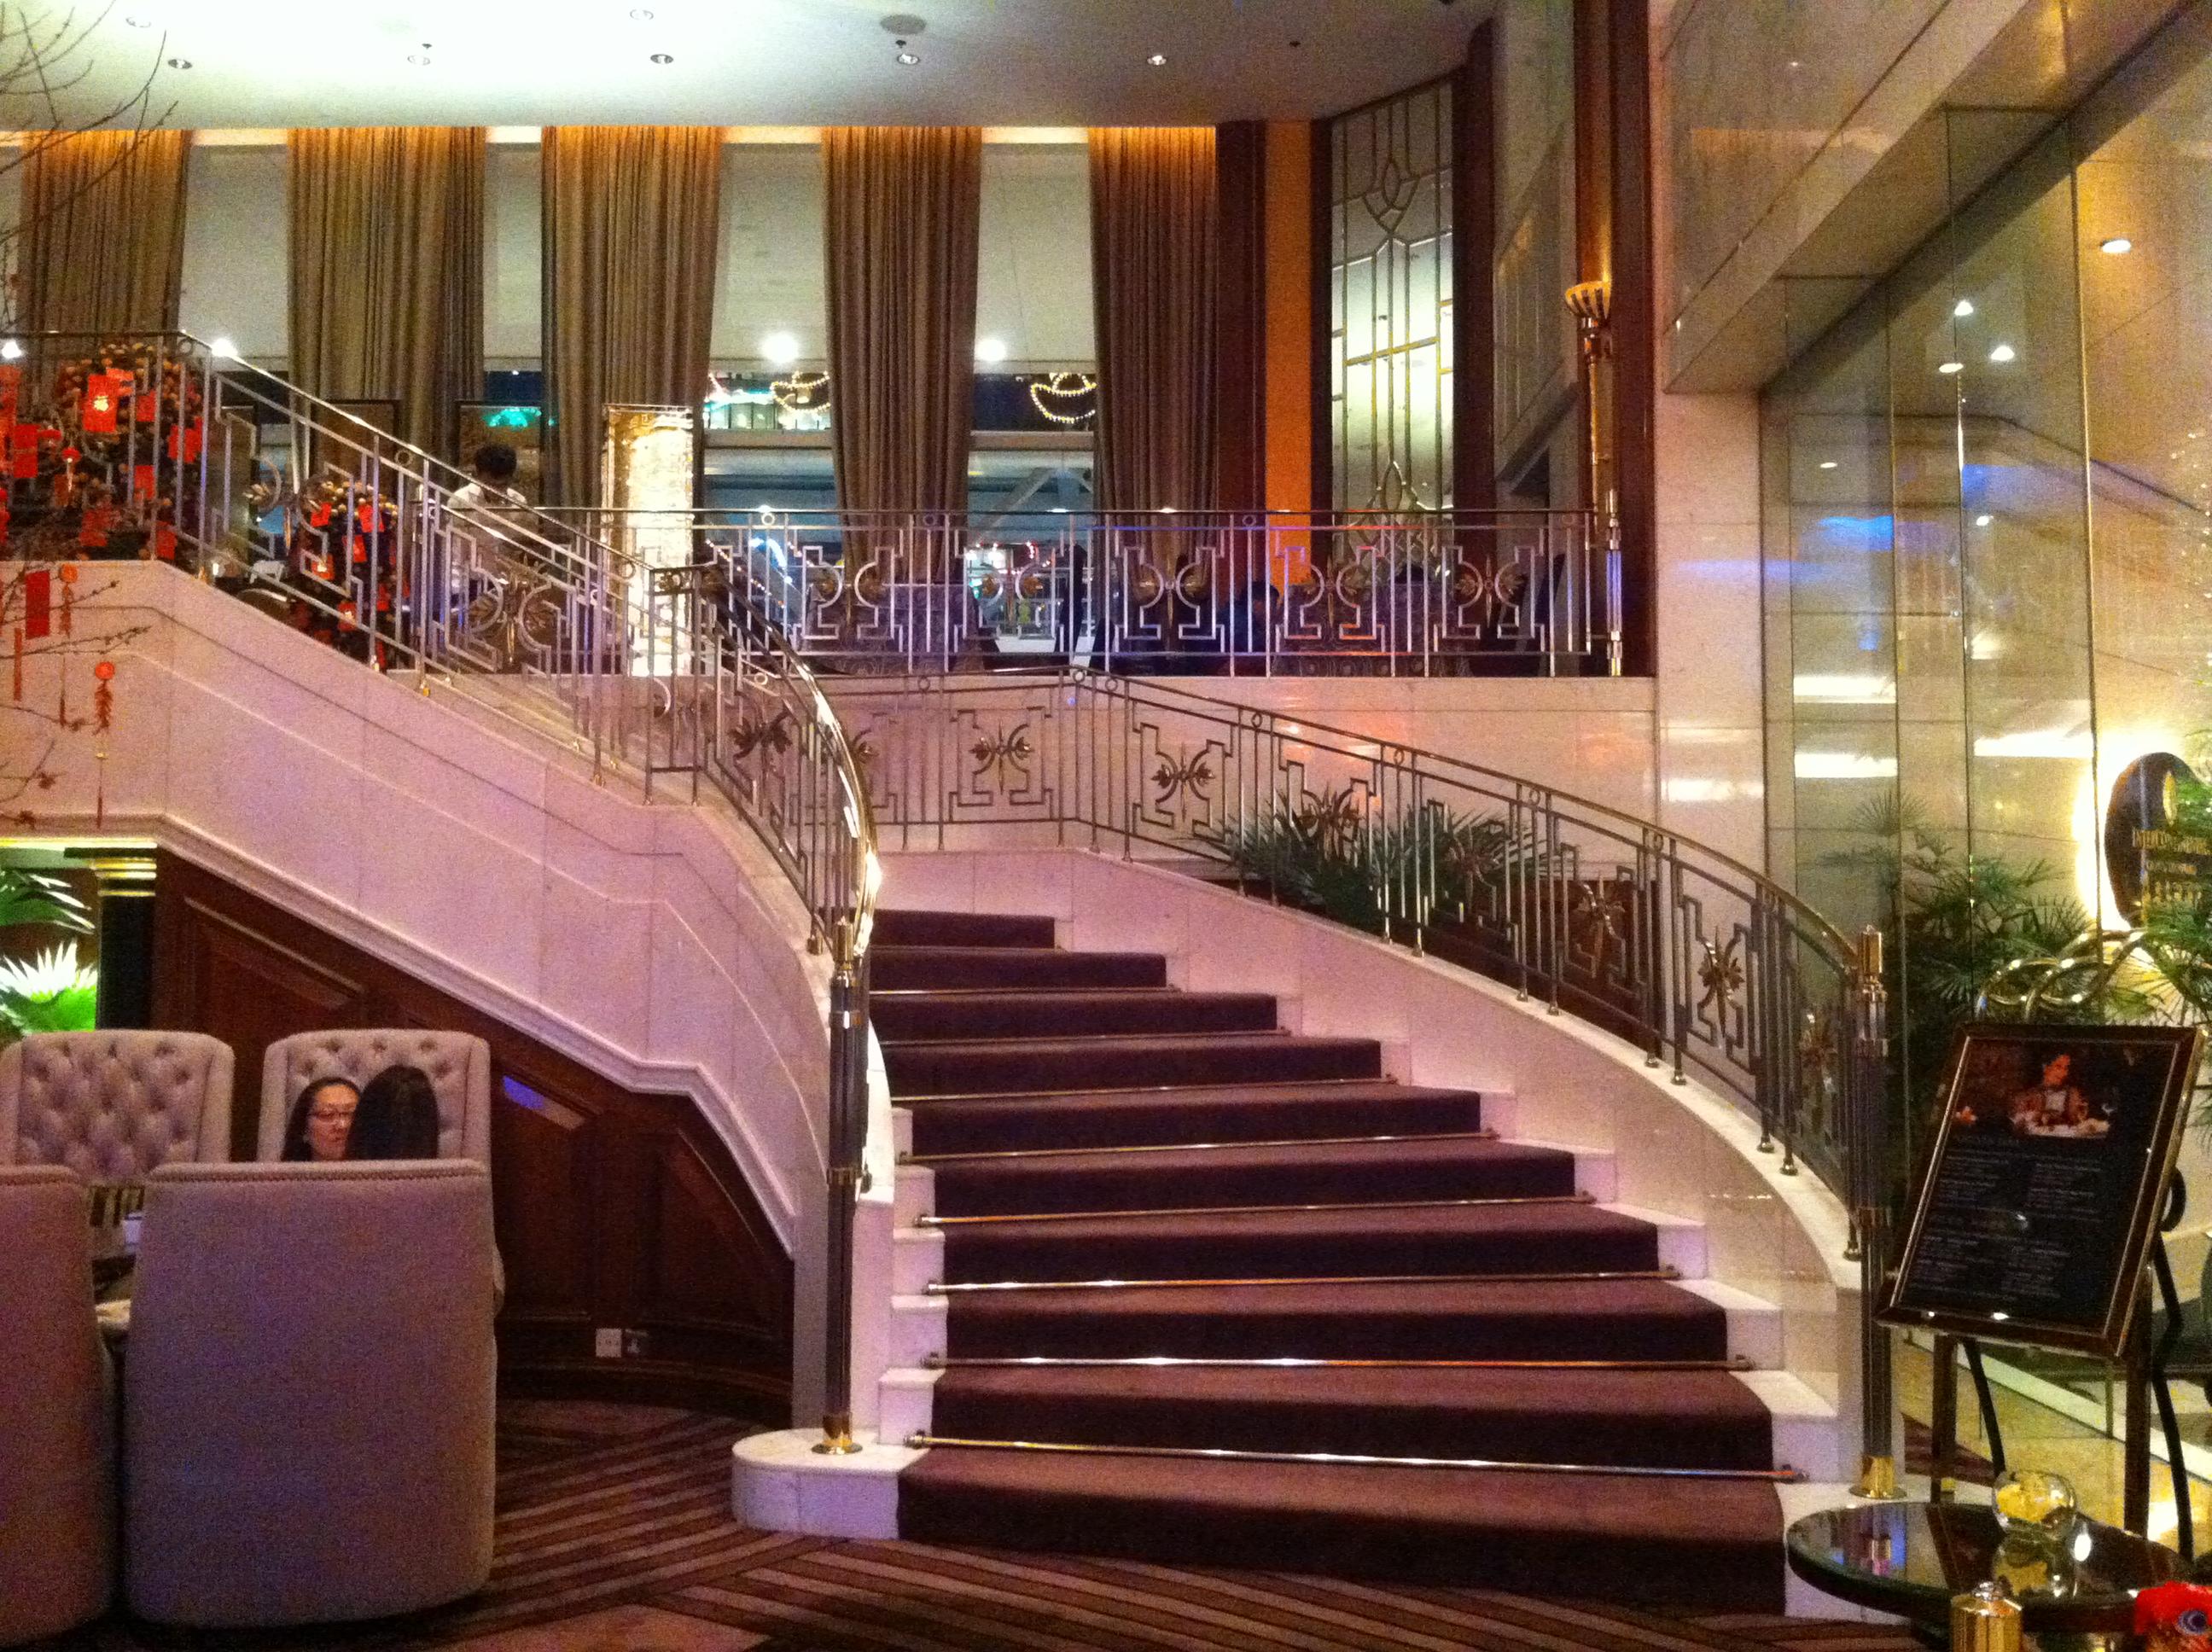 Luxurious Interiors Design